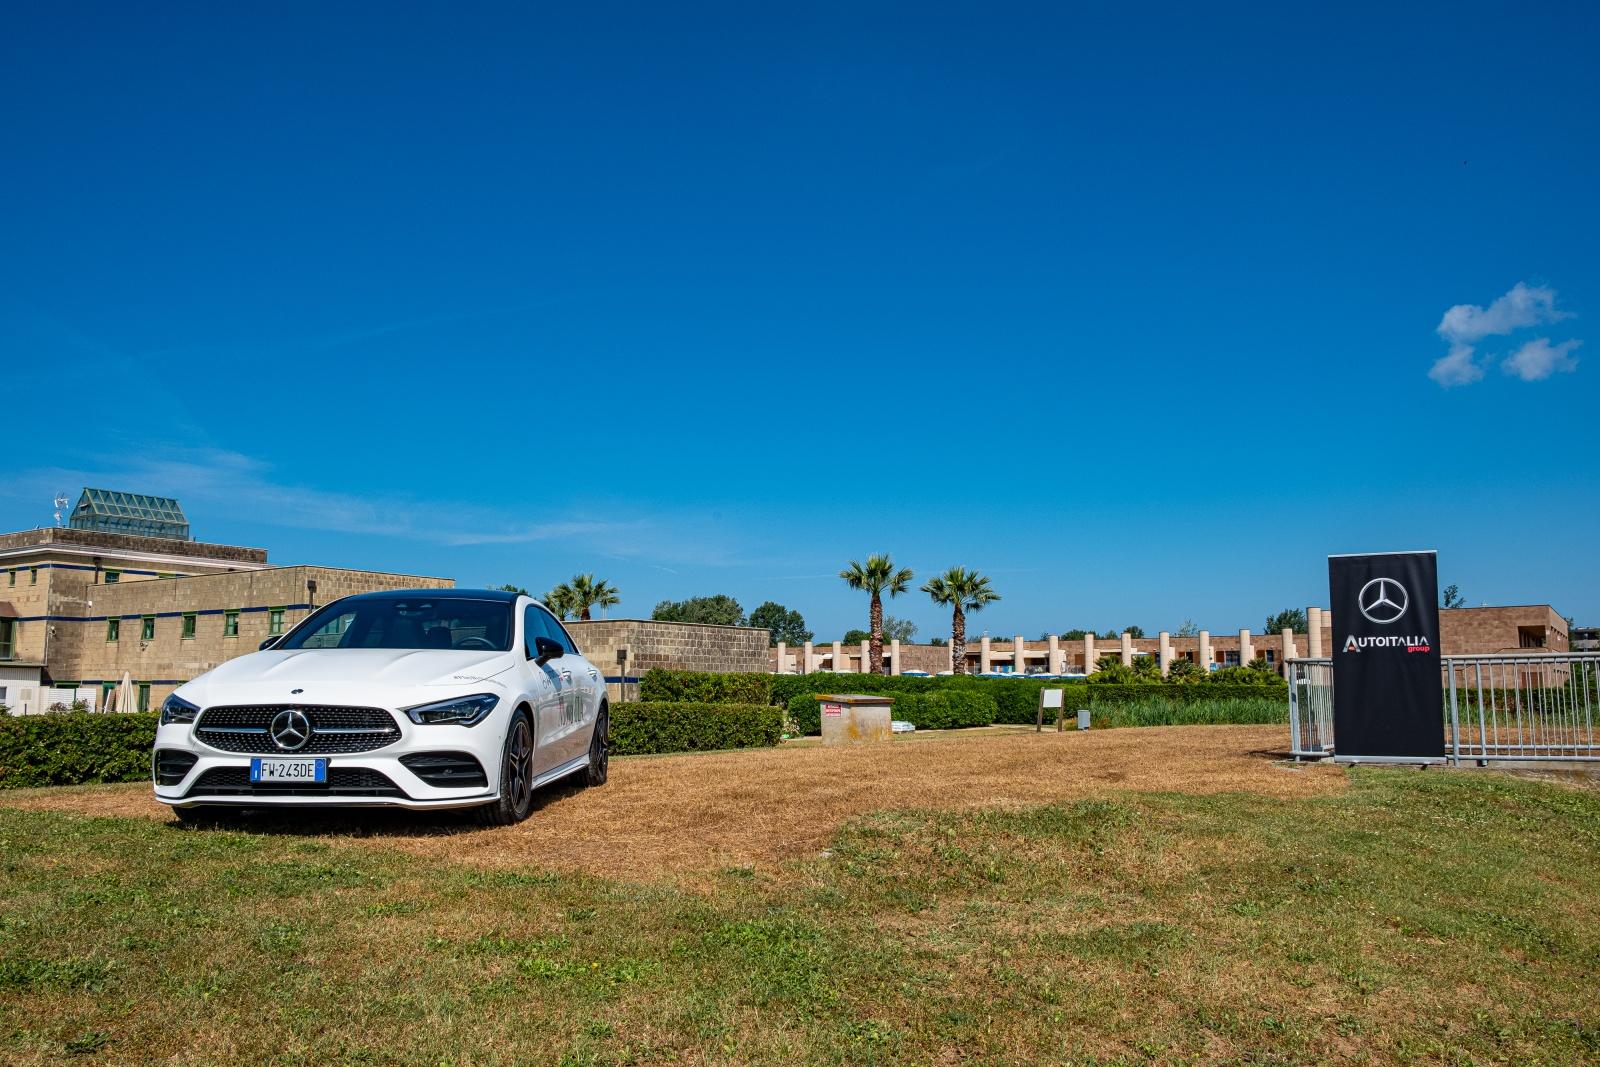 Cosmopolitan Golf Country Club Tirrenia - MBemotion AMG